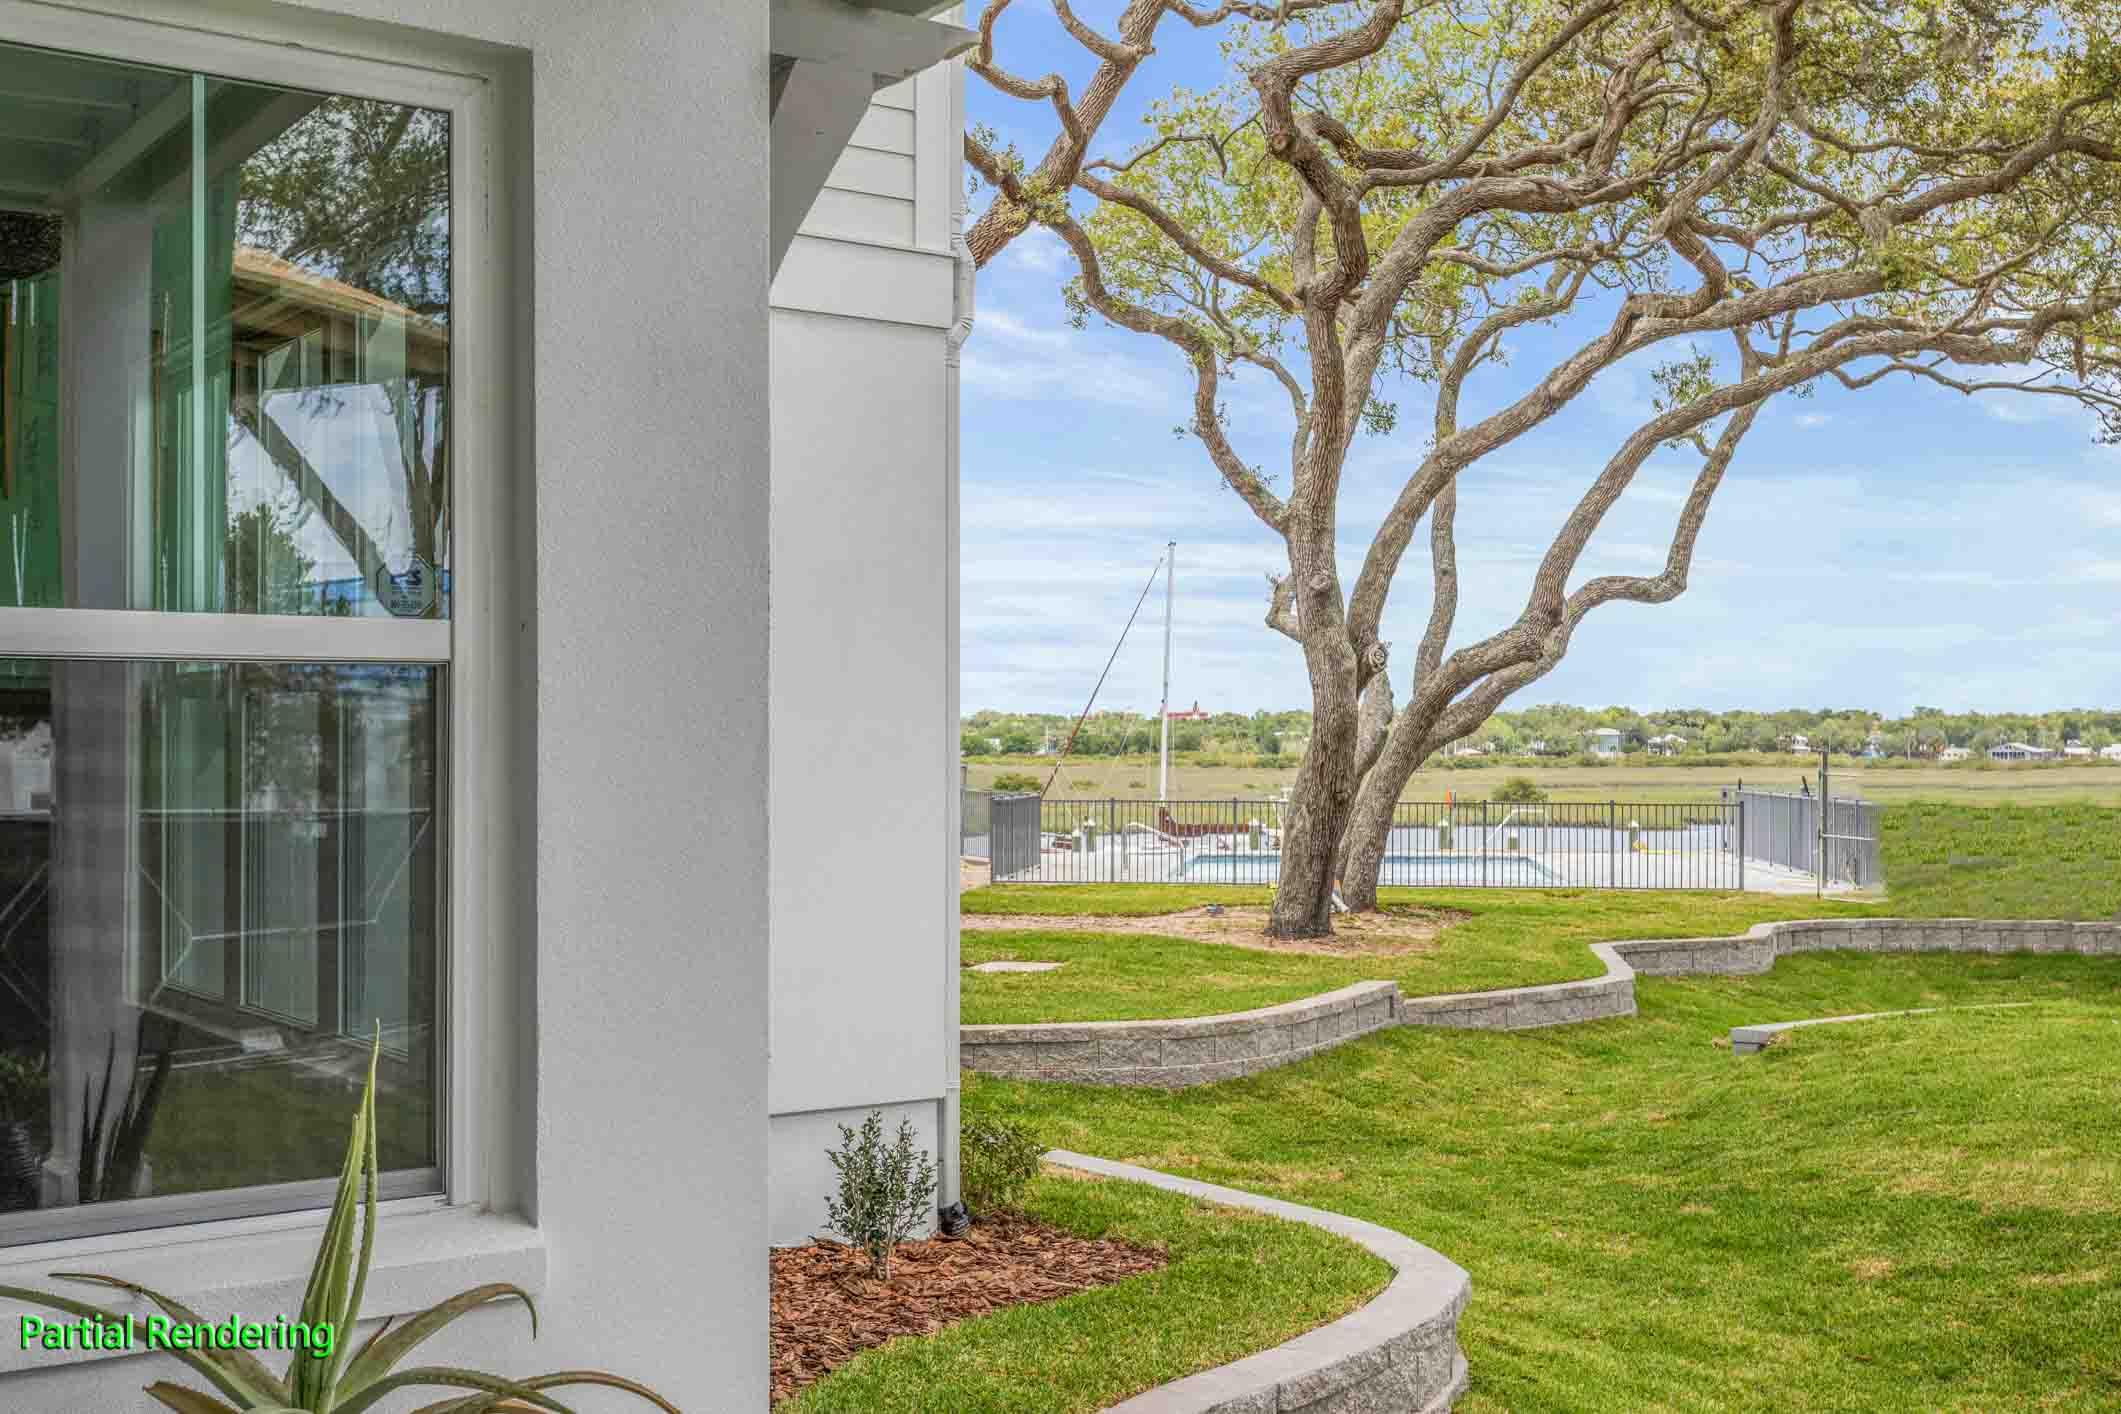 Villa Calissa Property Photos (27 of 32)